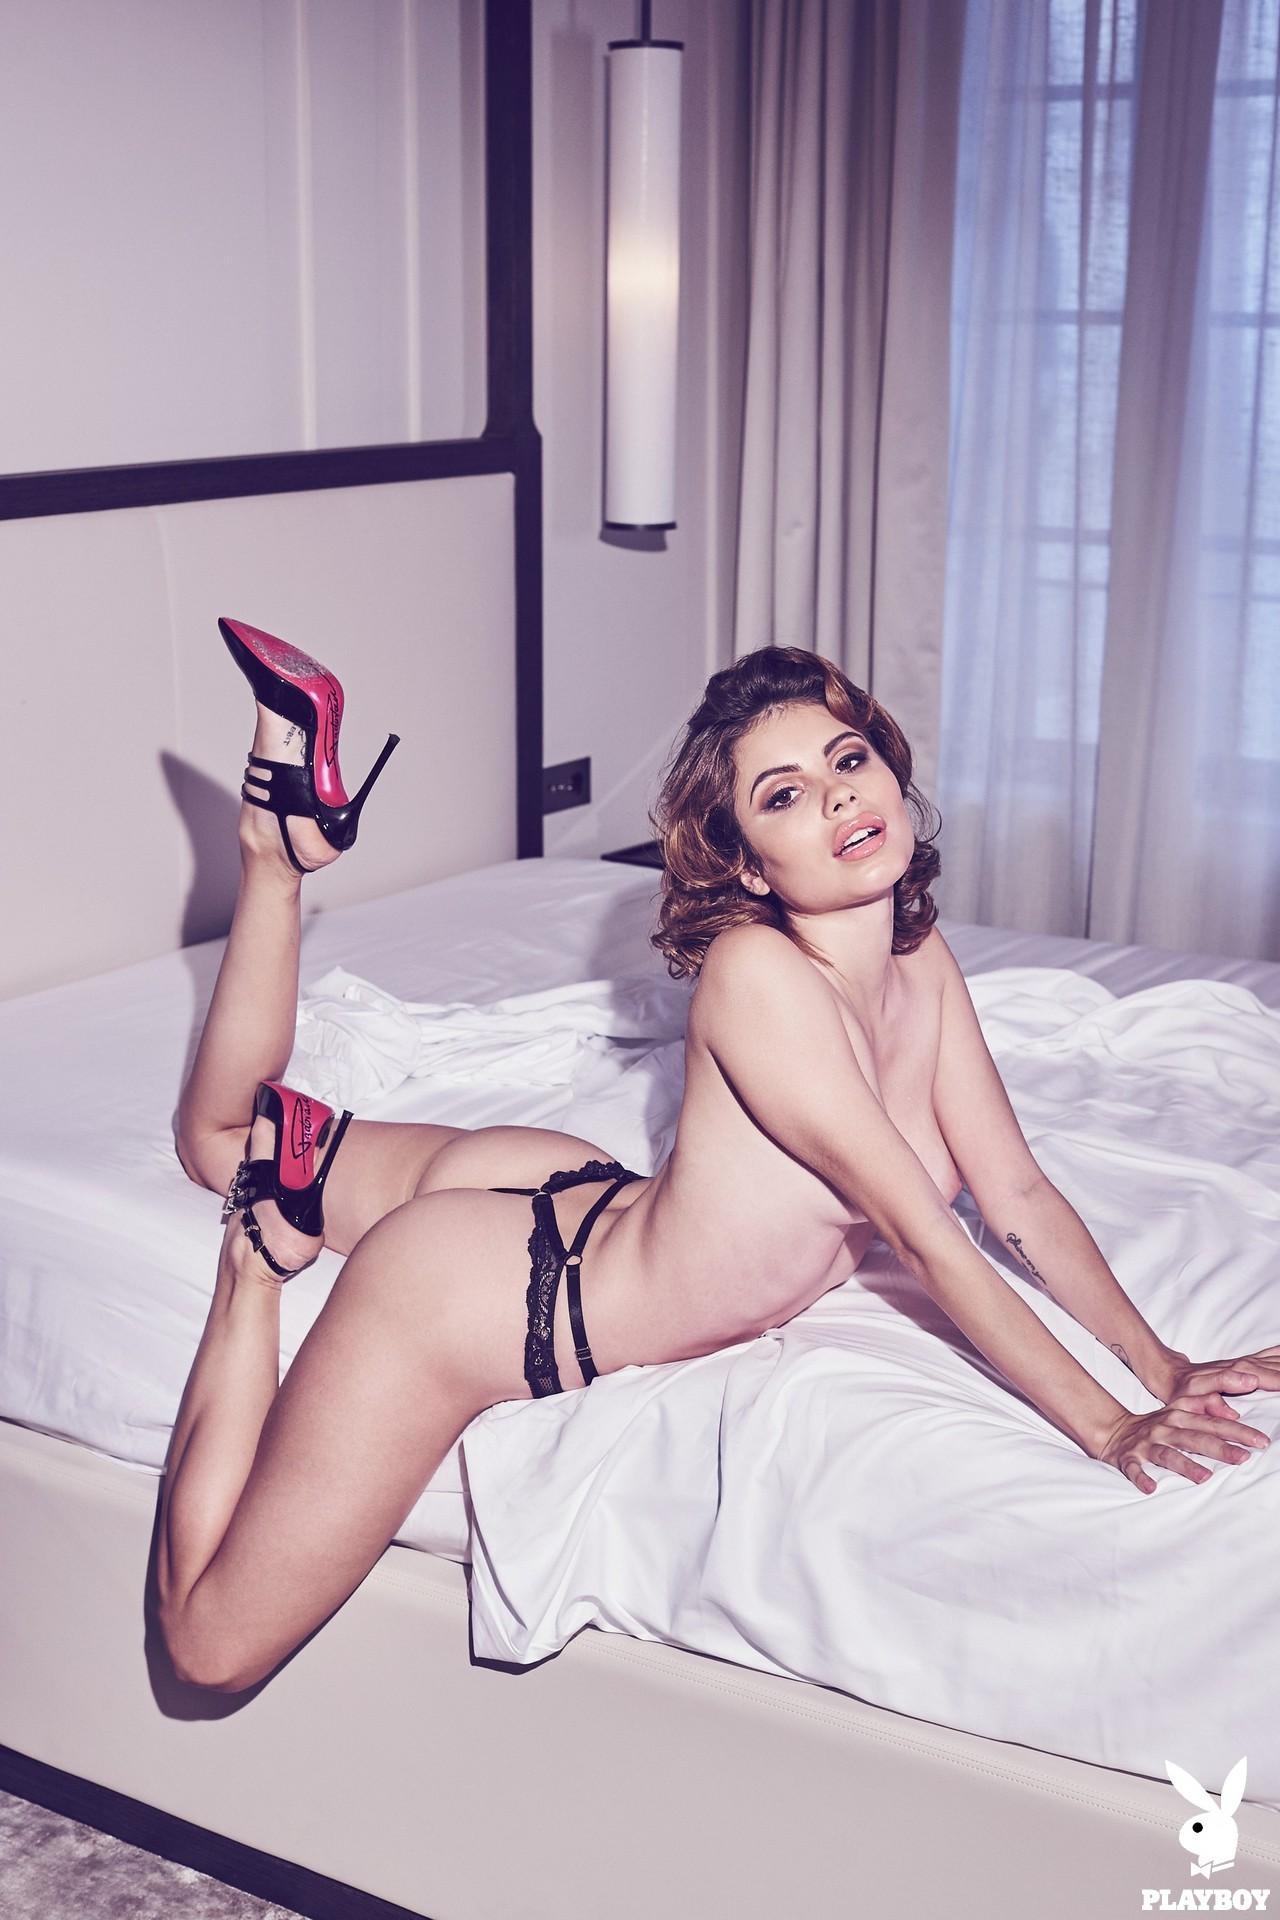 Chiara Arrighi in Playboy Germany Vol. 3 - Playboy Plus 11